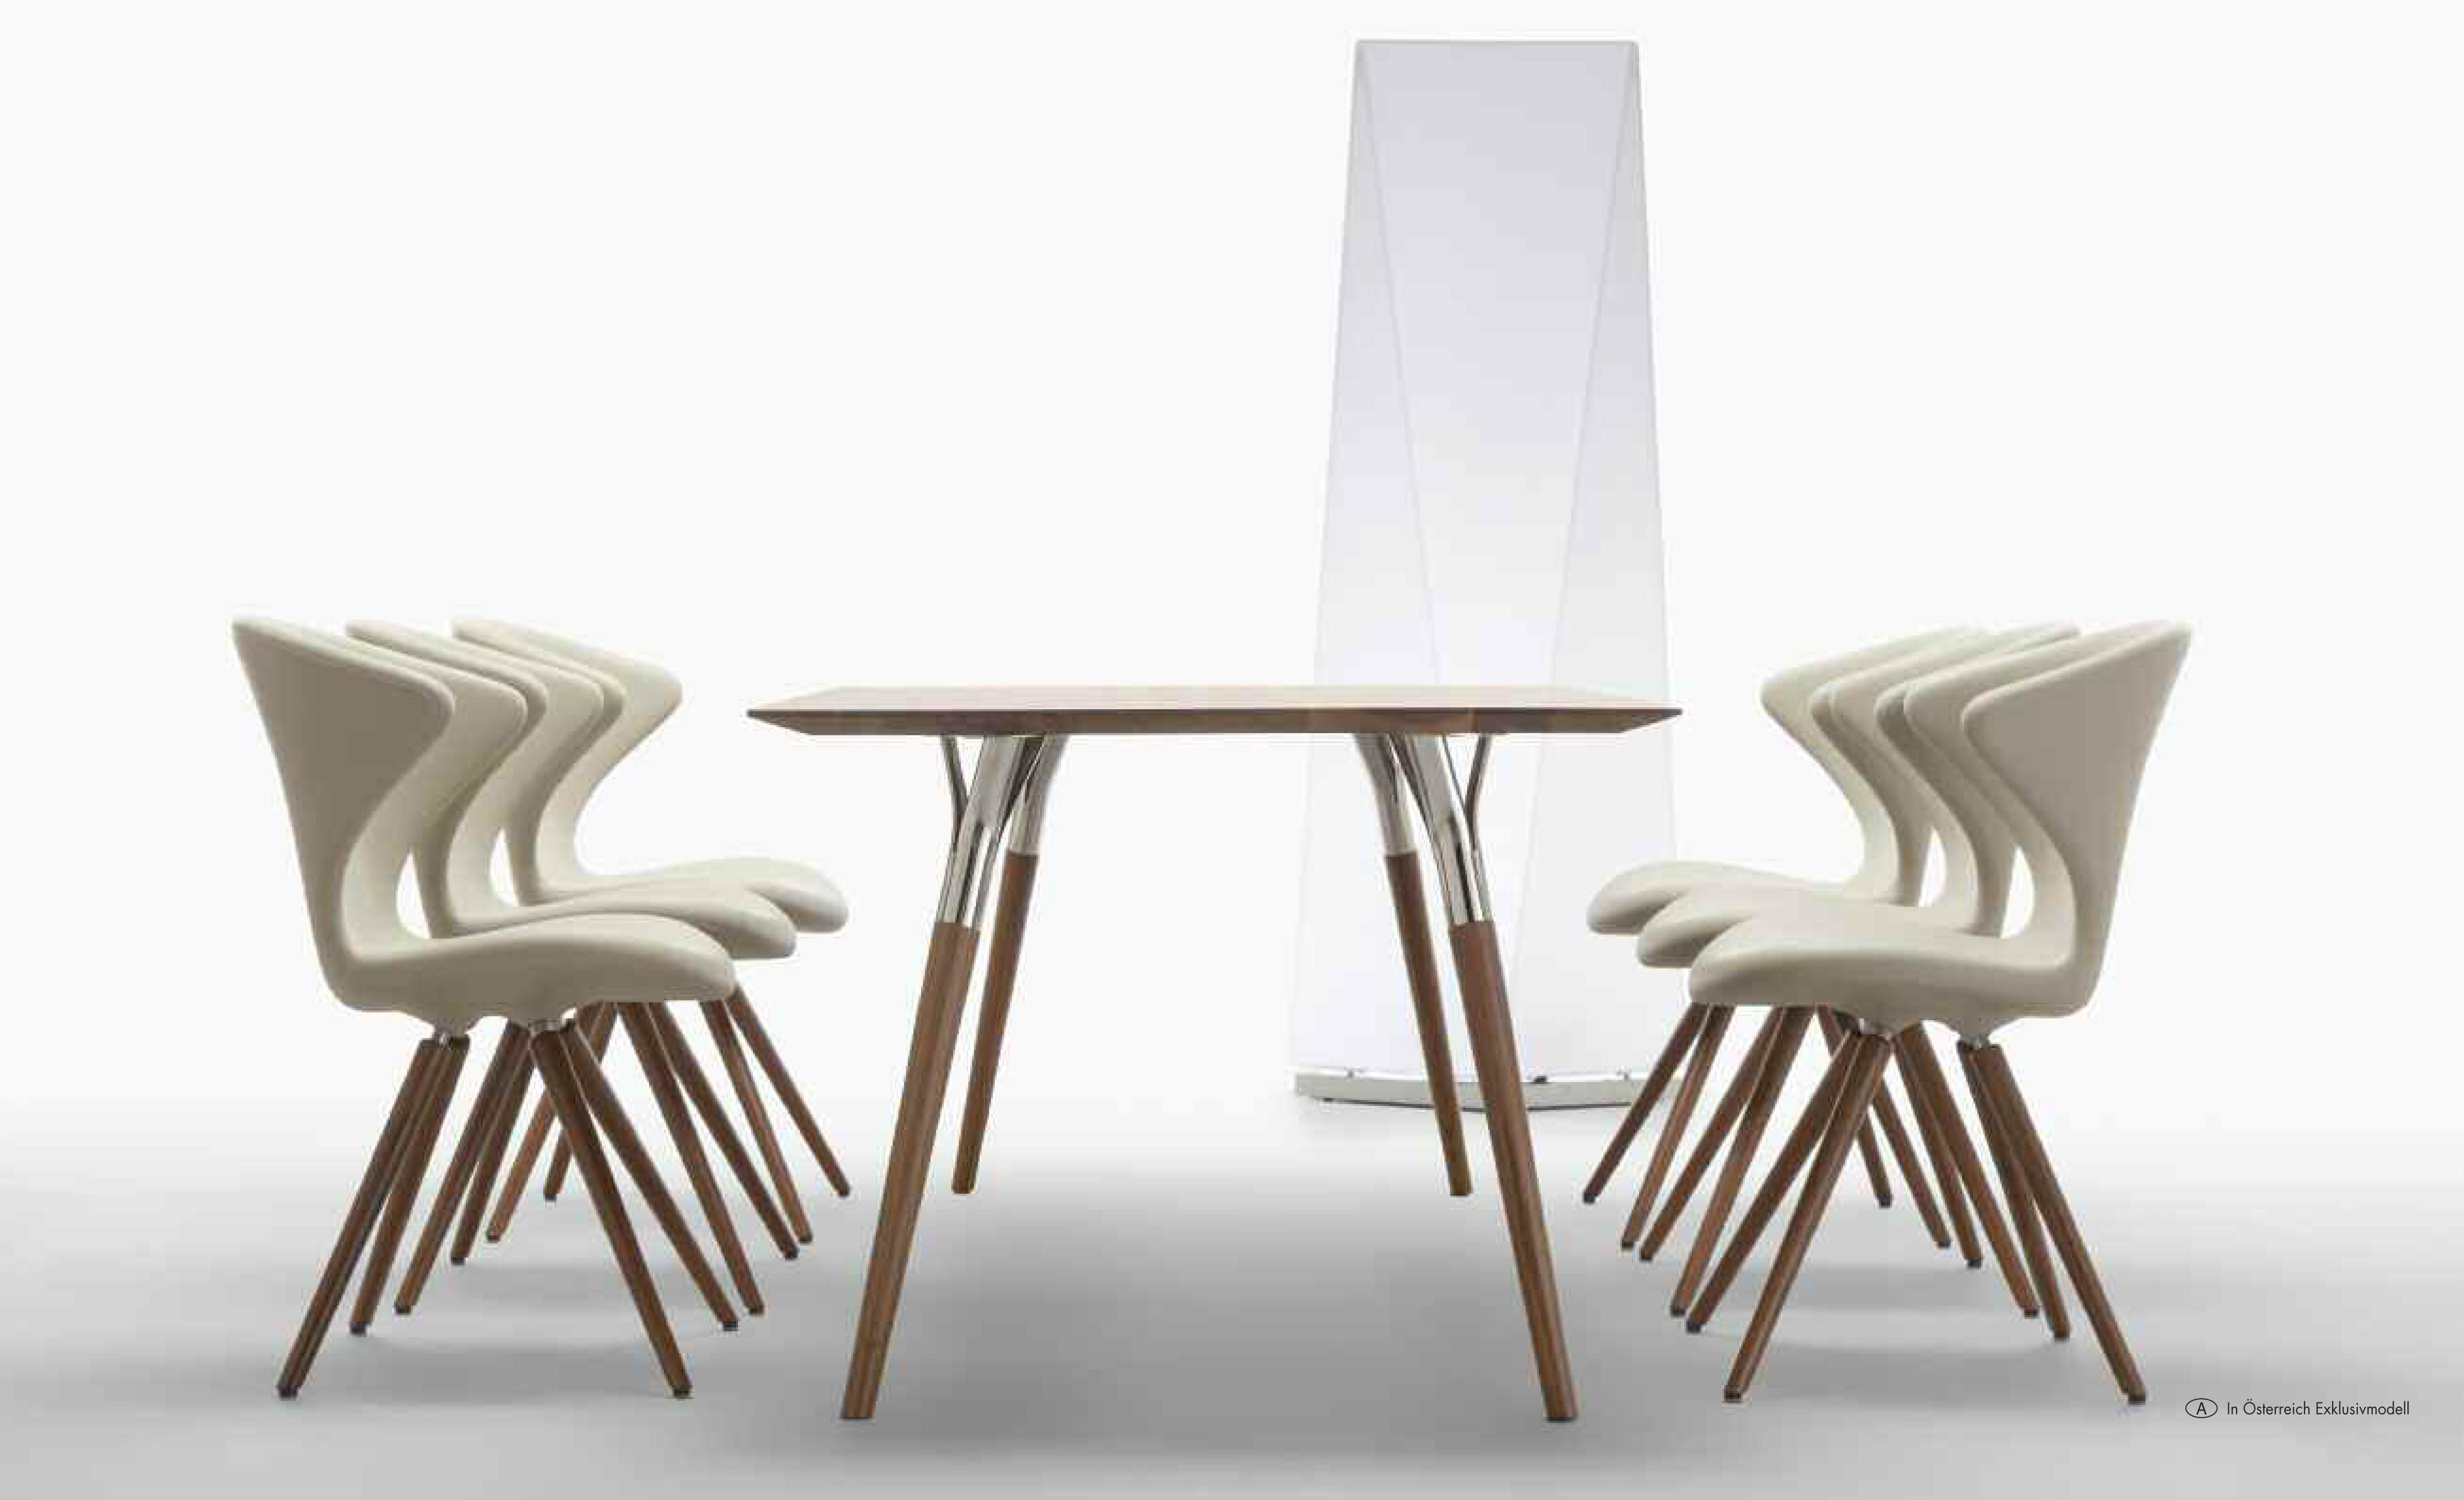 Tonon meubelen Nu met de laagste prijsgarantie!